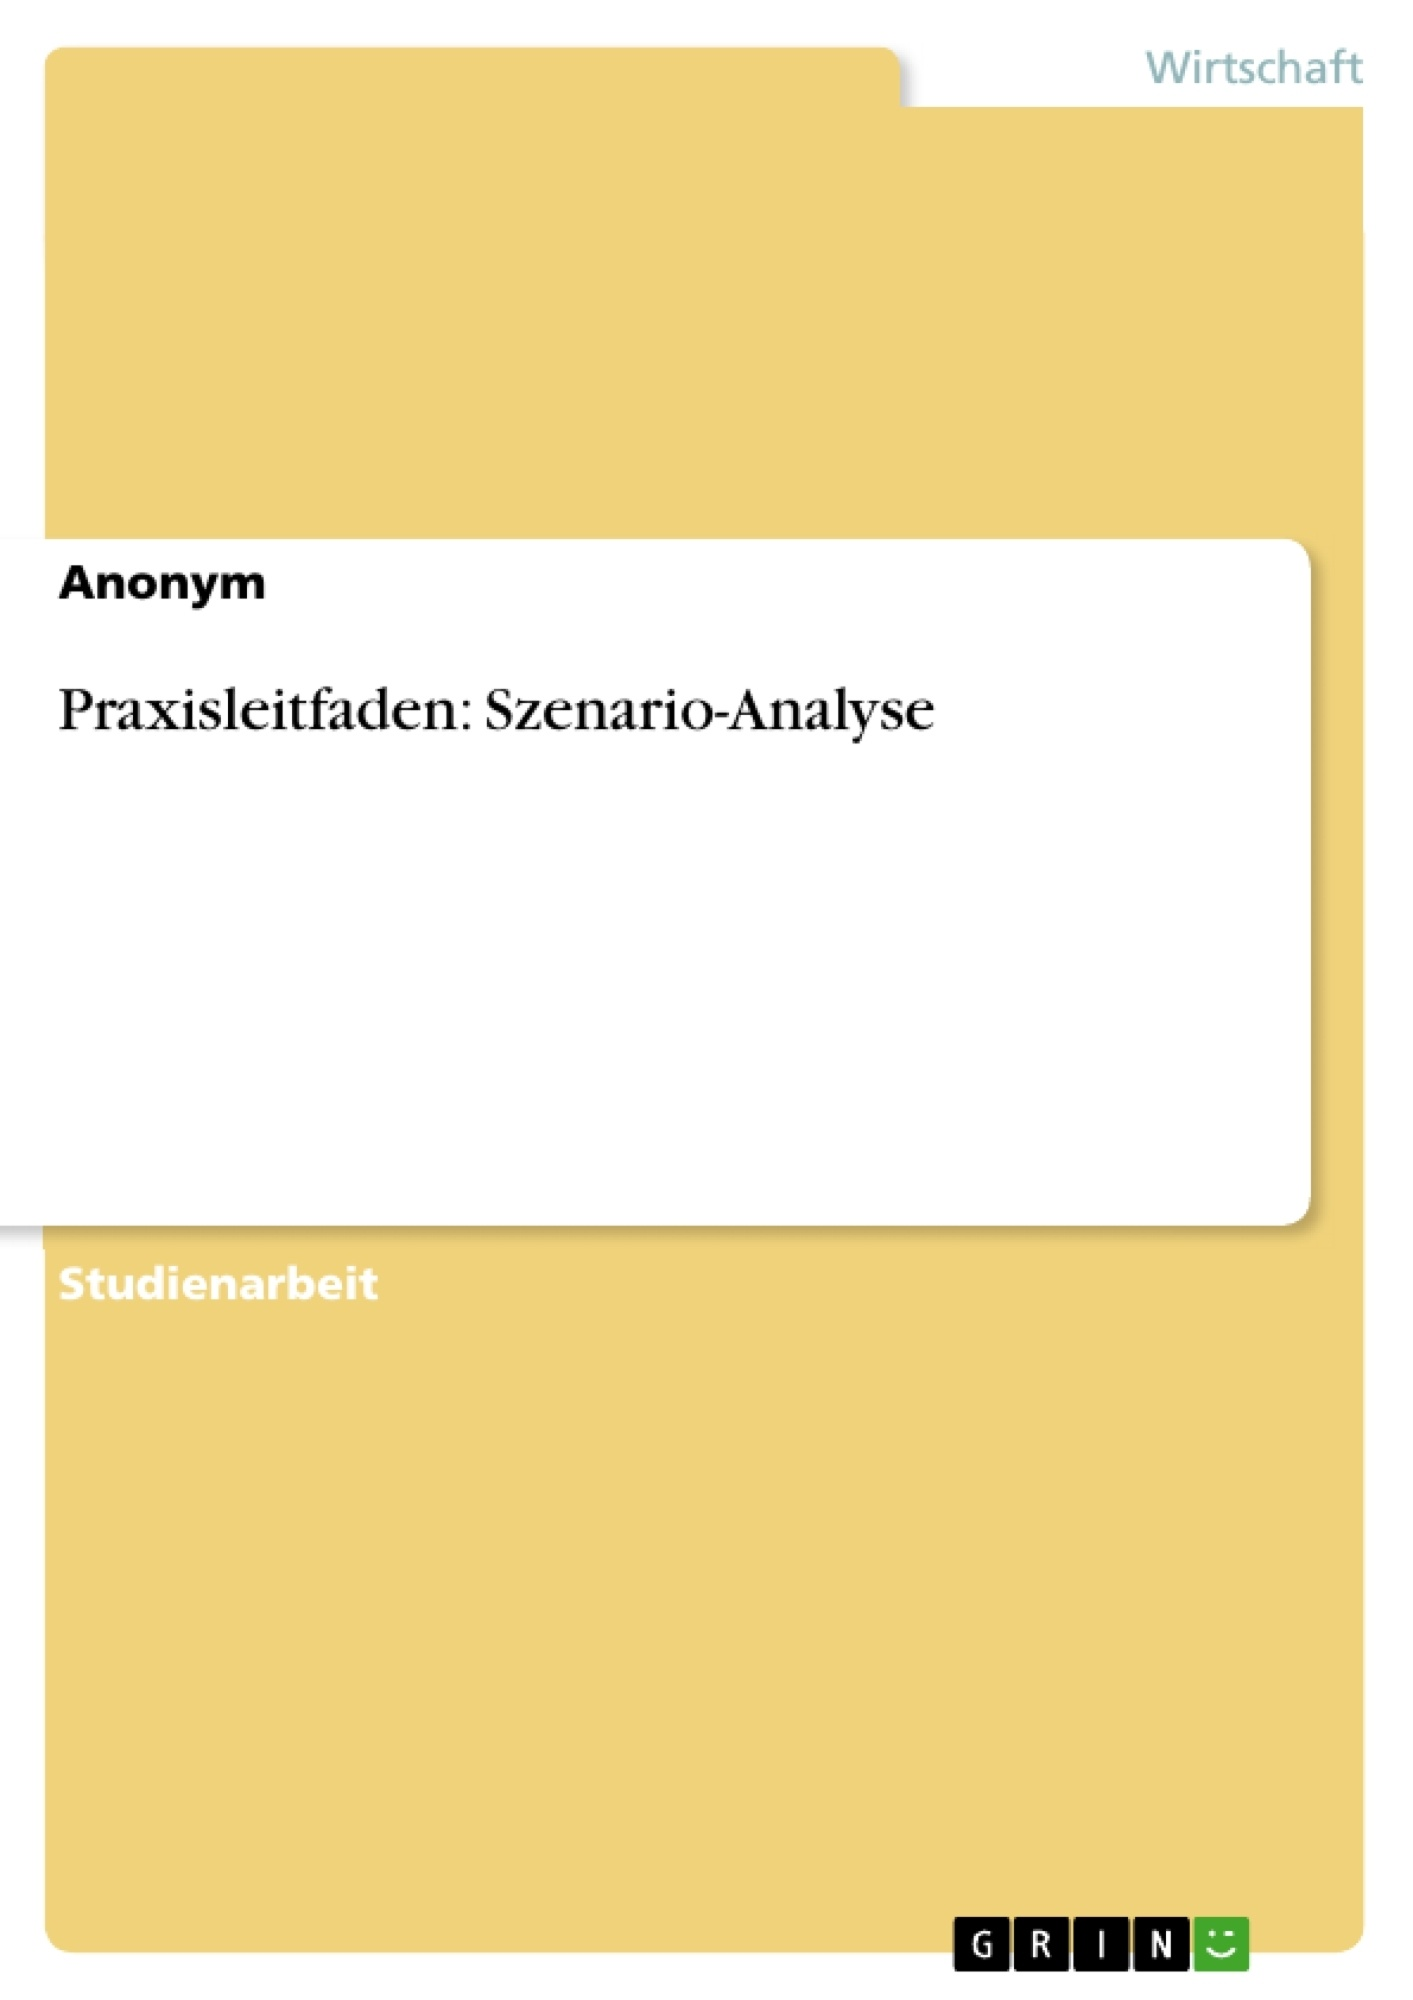 Titel: Praxisleitfaden: Szenario-Analyse